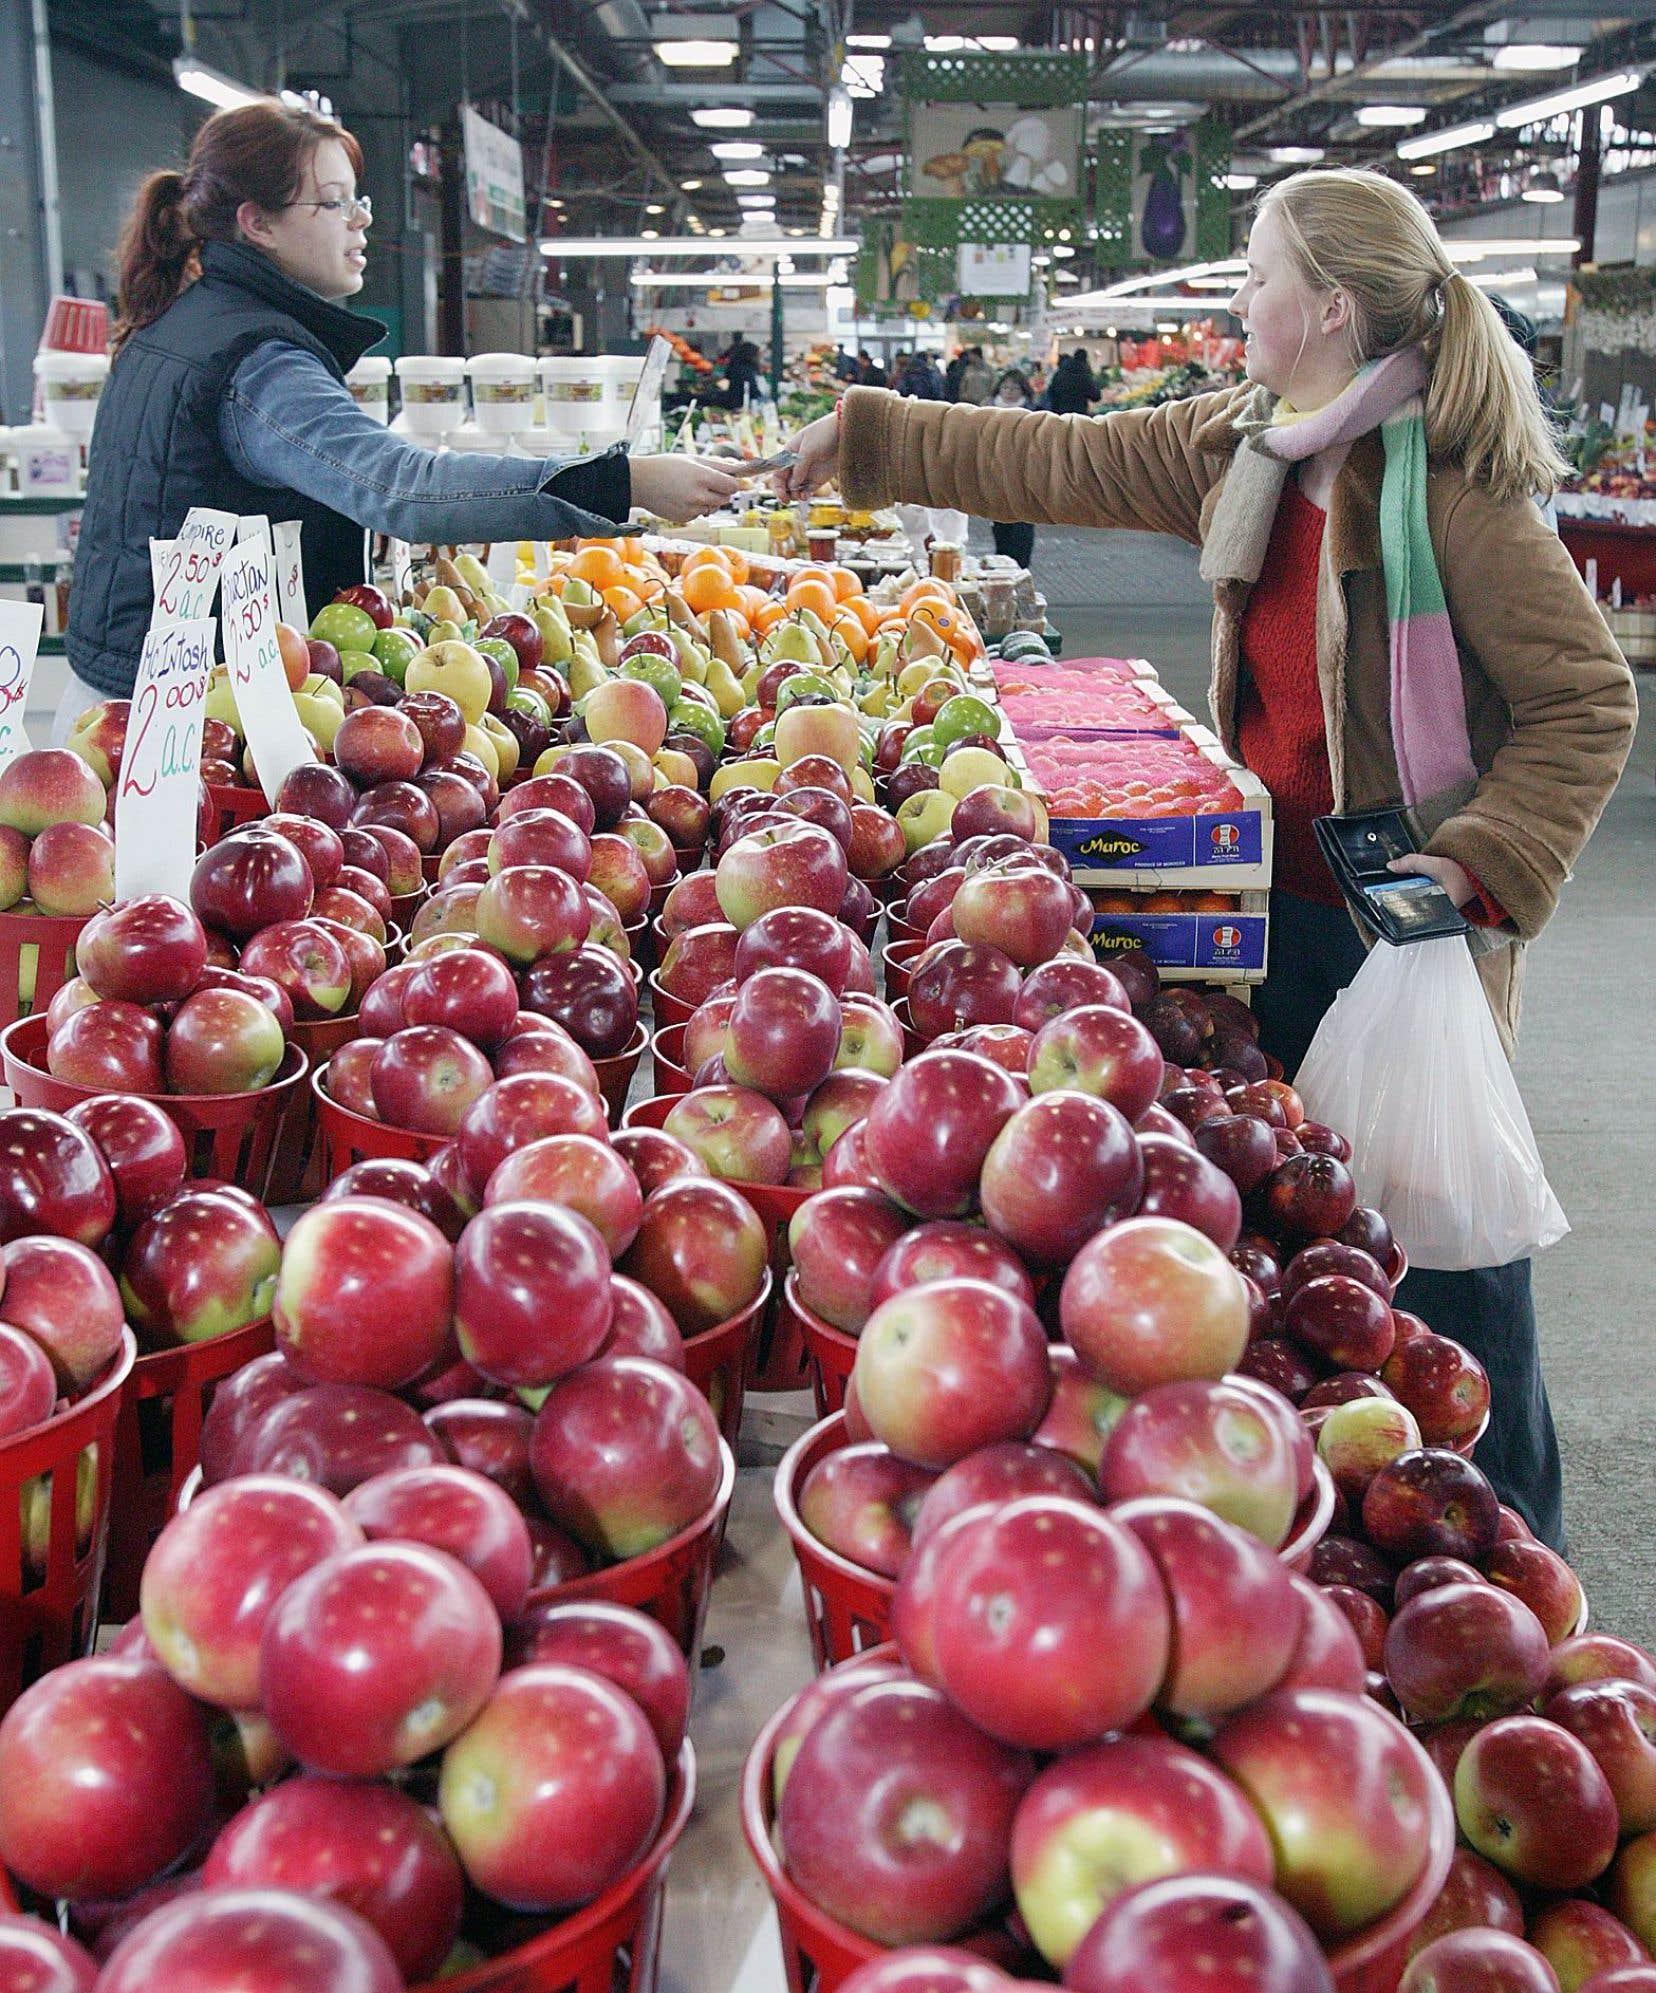 Les producteurs craignent que les gens cessent de consommer des pommes, par association.